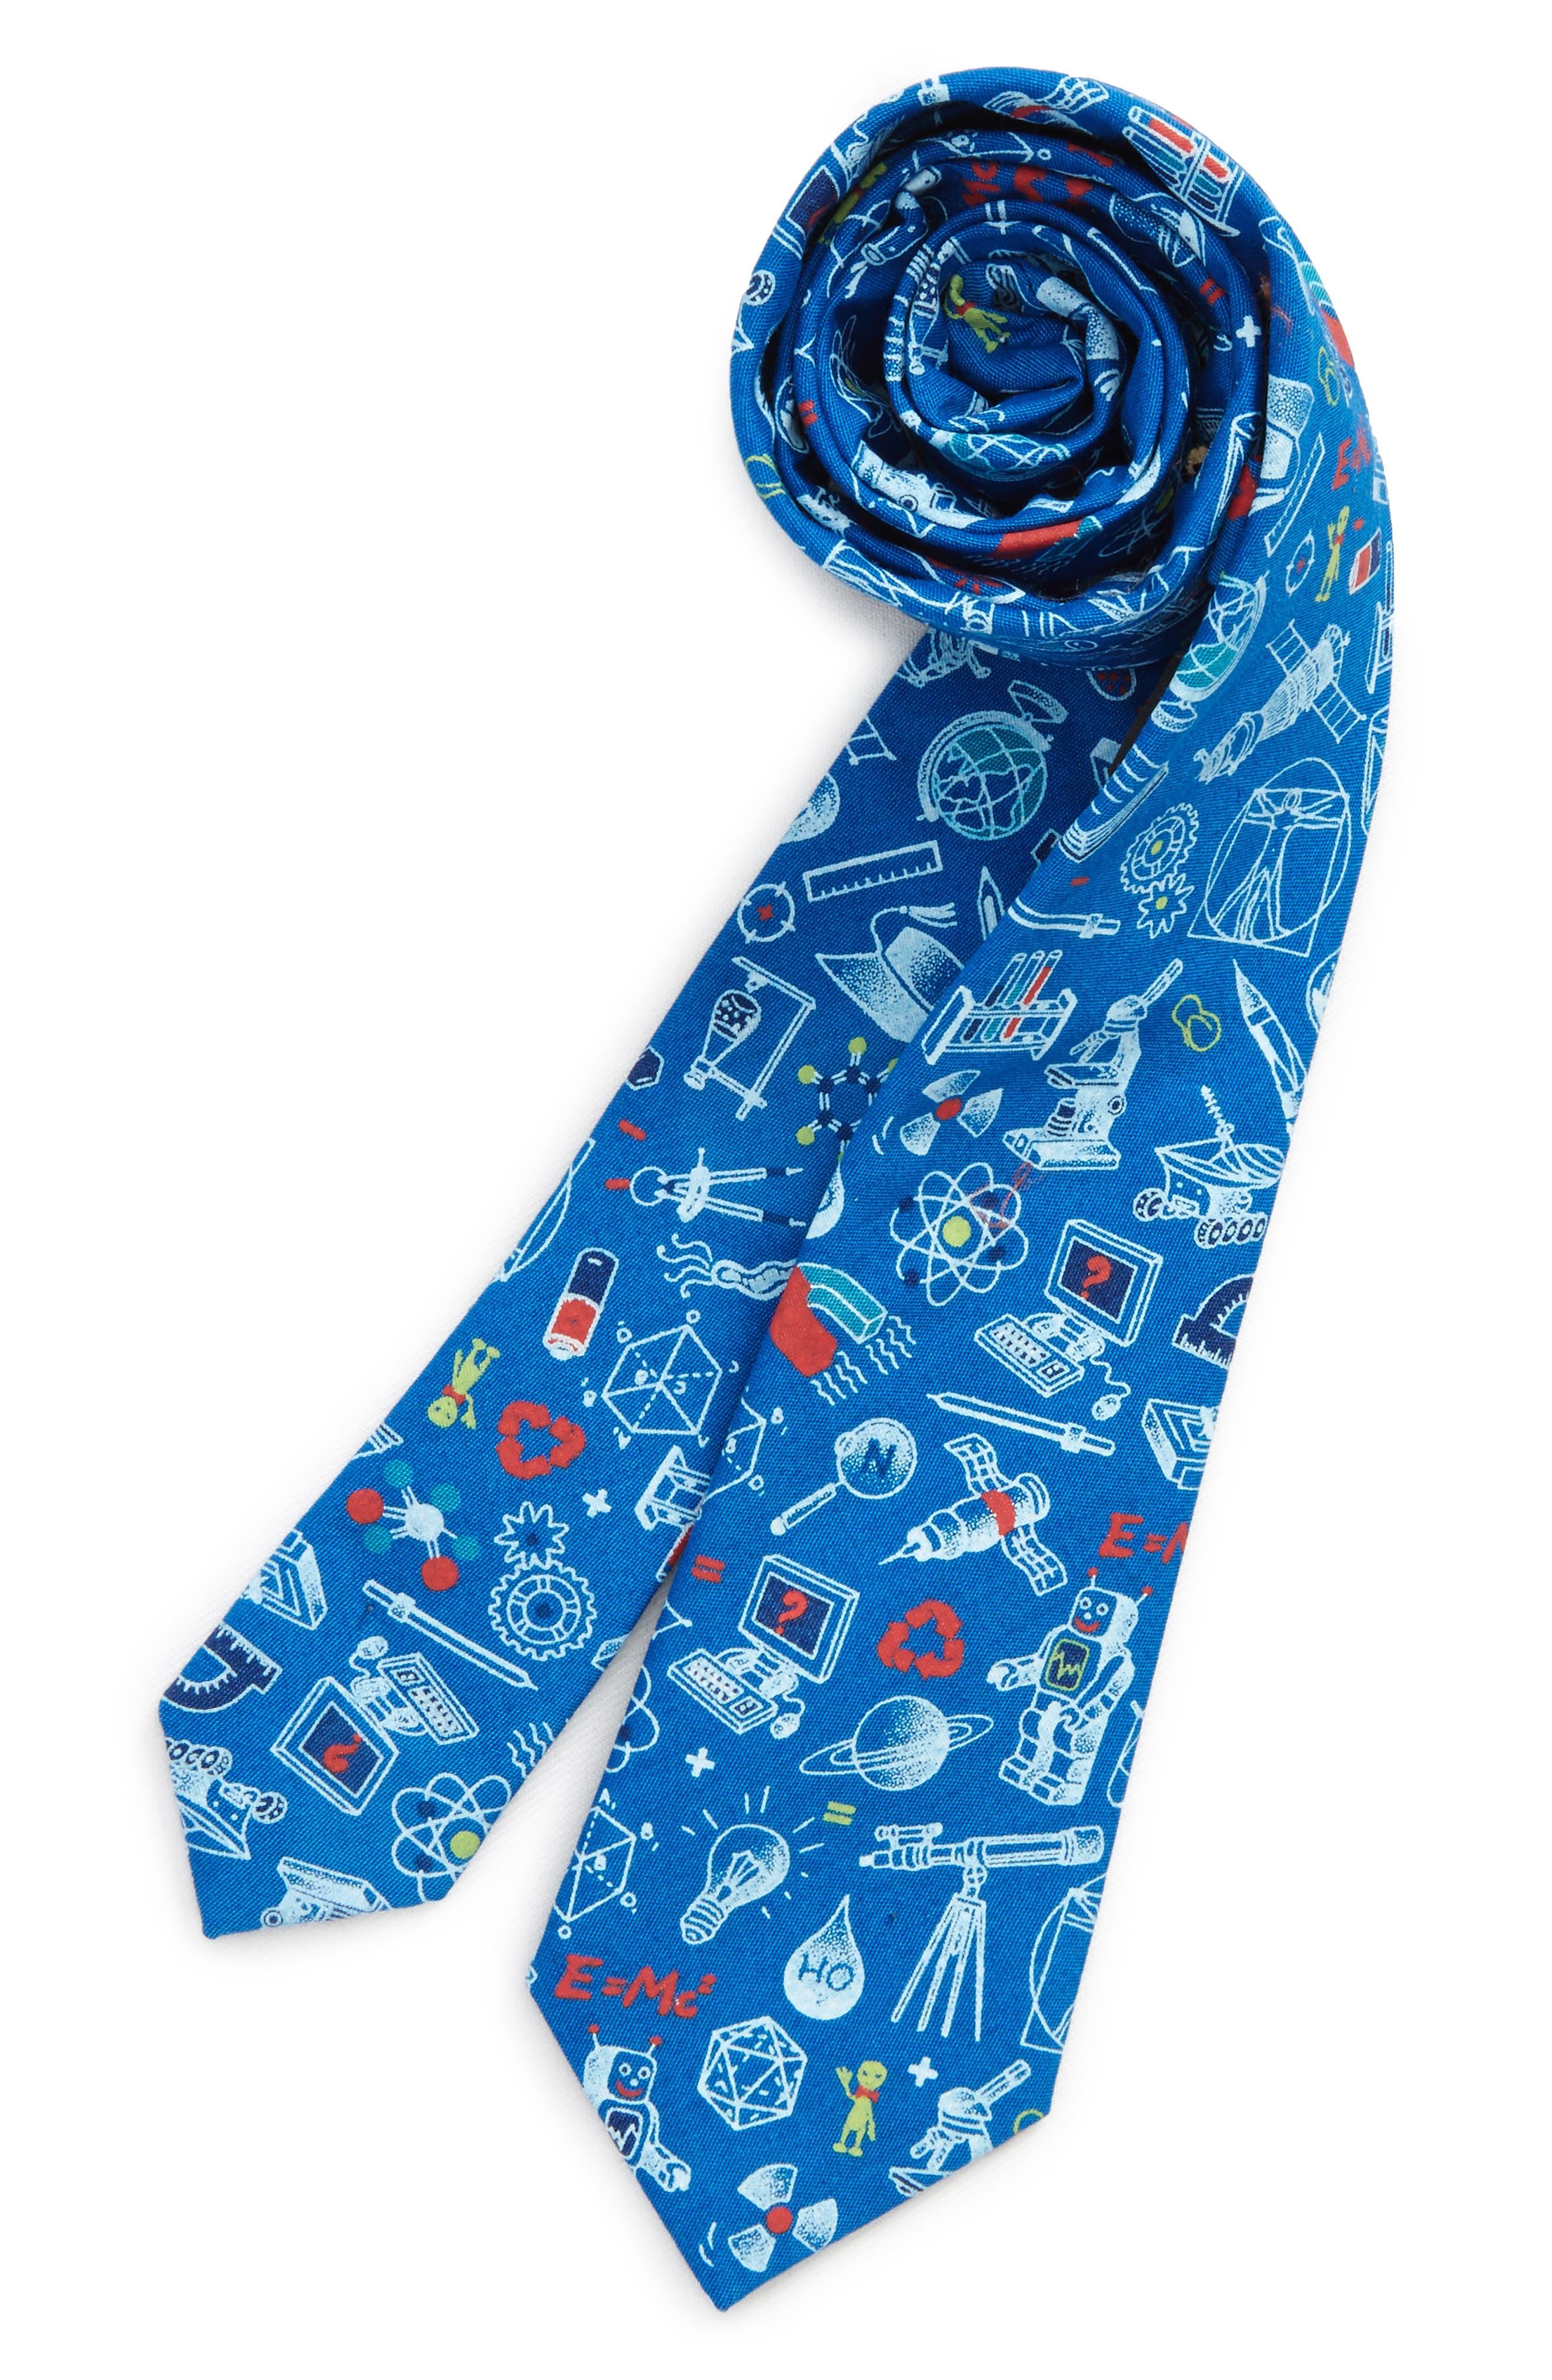 Nordstrom Science Print Cotton Tie (Boys)